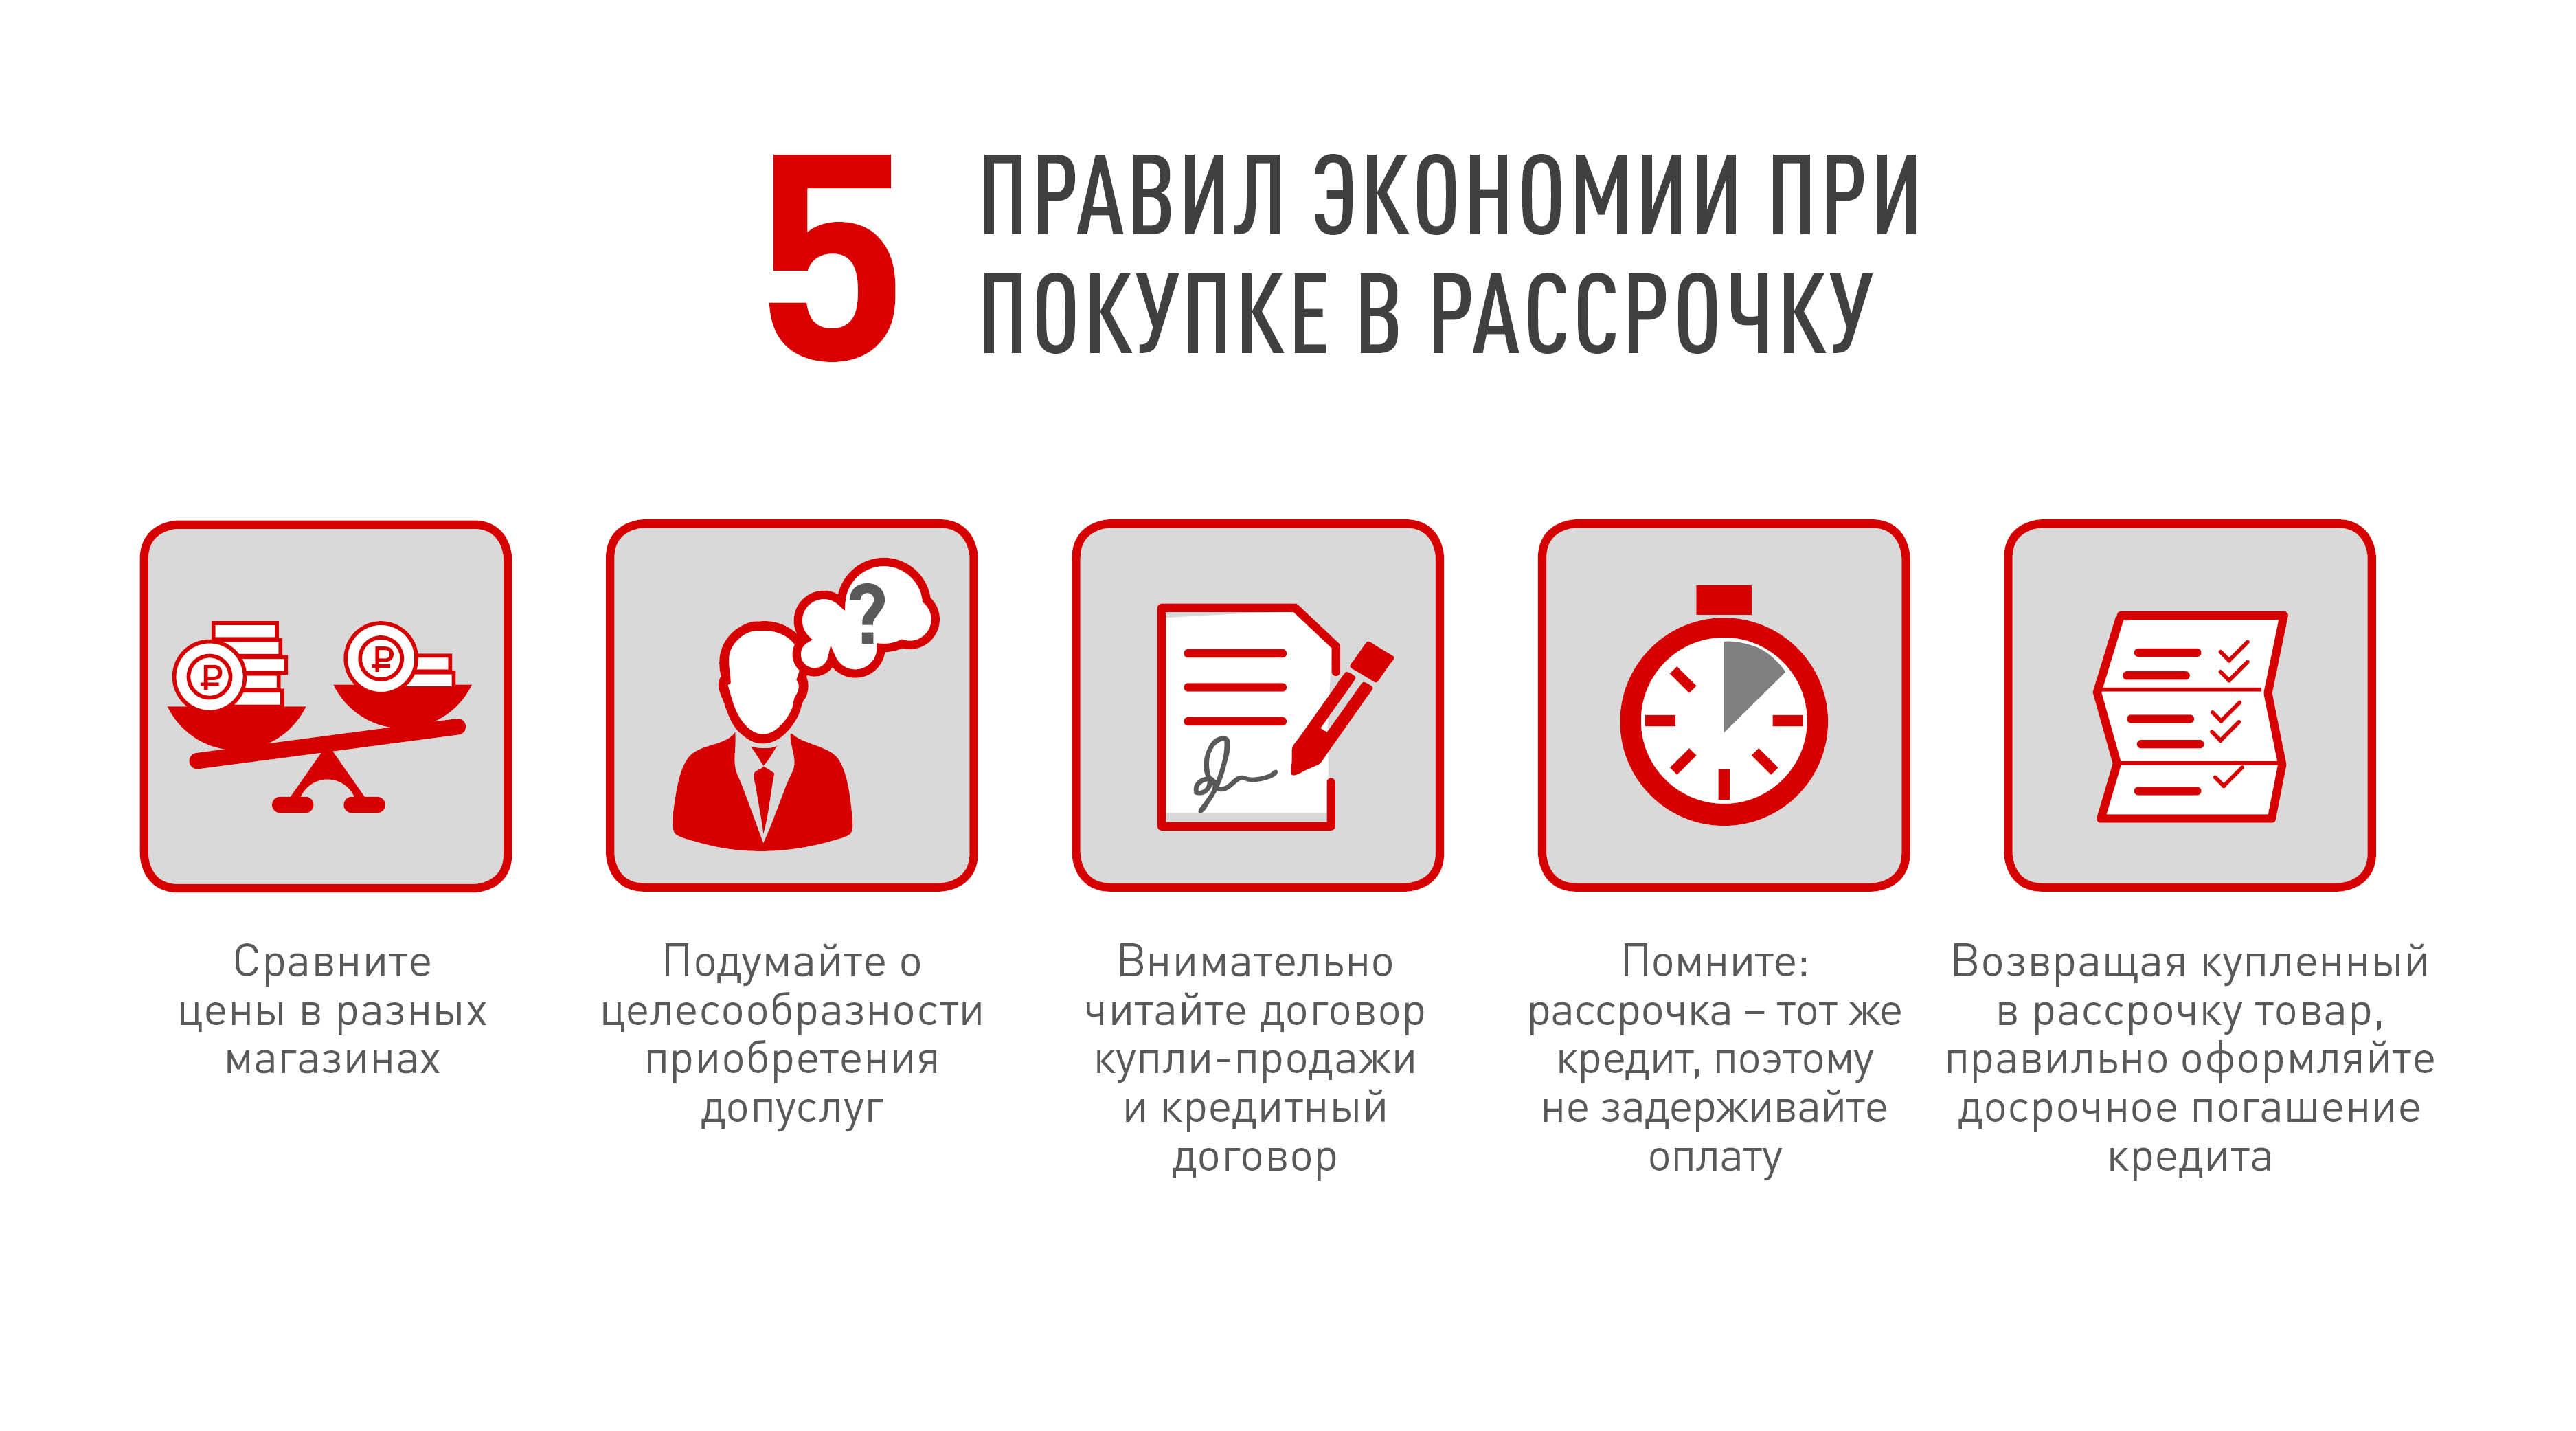 Беспроцентный товарный кредит реклама магазина выгодная интернет реклама сайта и продвижение по москве ews03/1